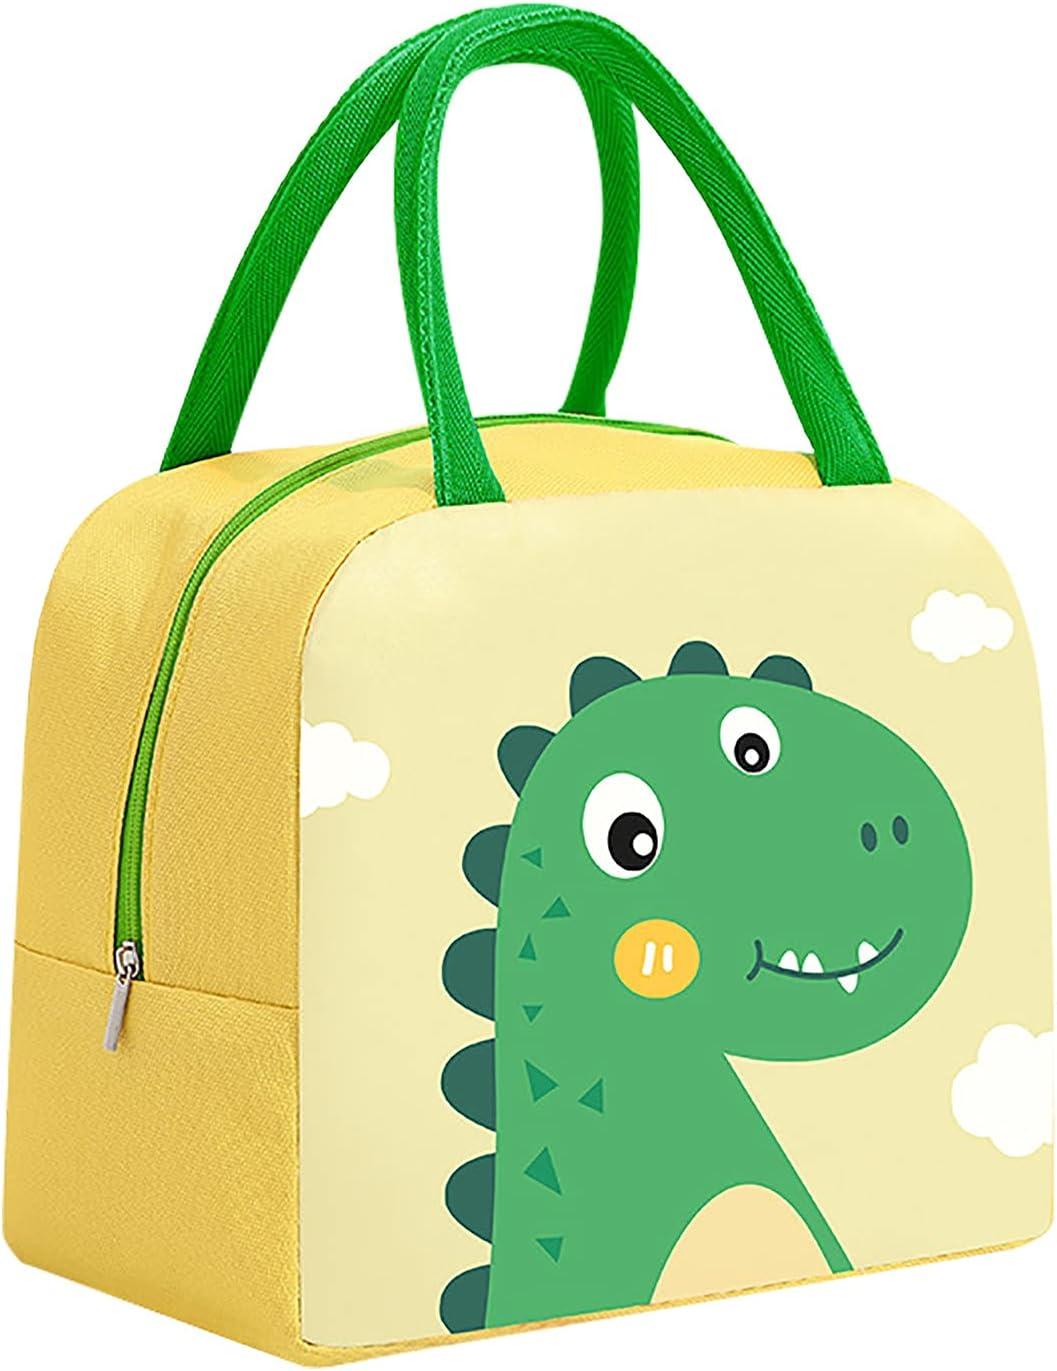 XeinGanpre - Bolsa de almuerzo para niños, con aislamiento térmico, para niños y niñas, bolsa térmica para niños, a prueba de fugas, suministros escolares, picnic, al aire libre